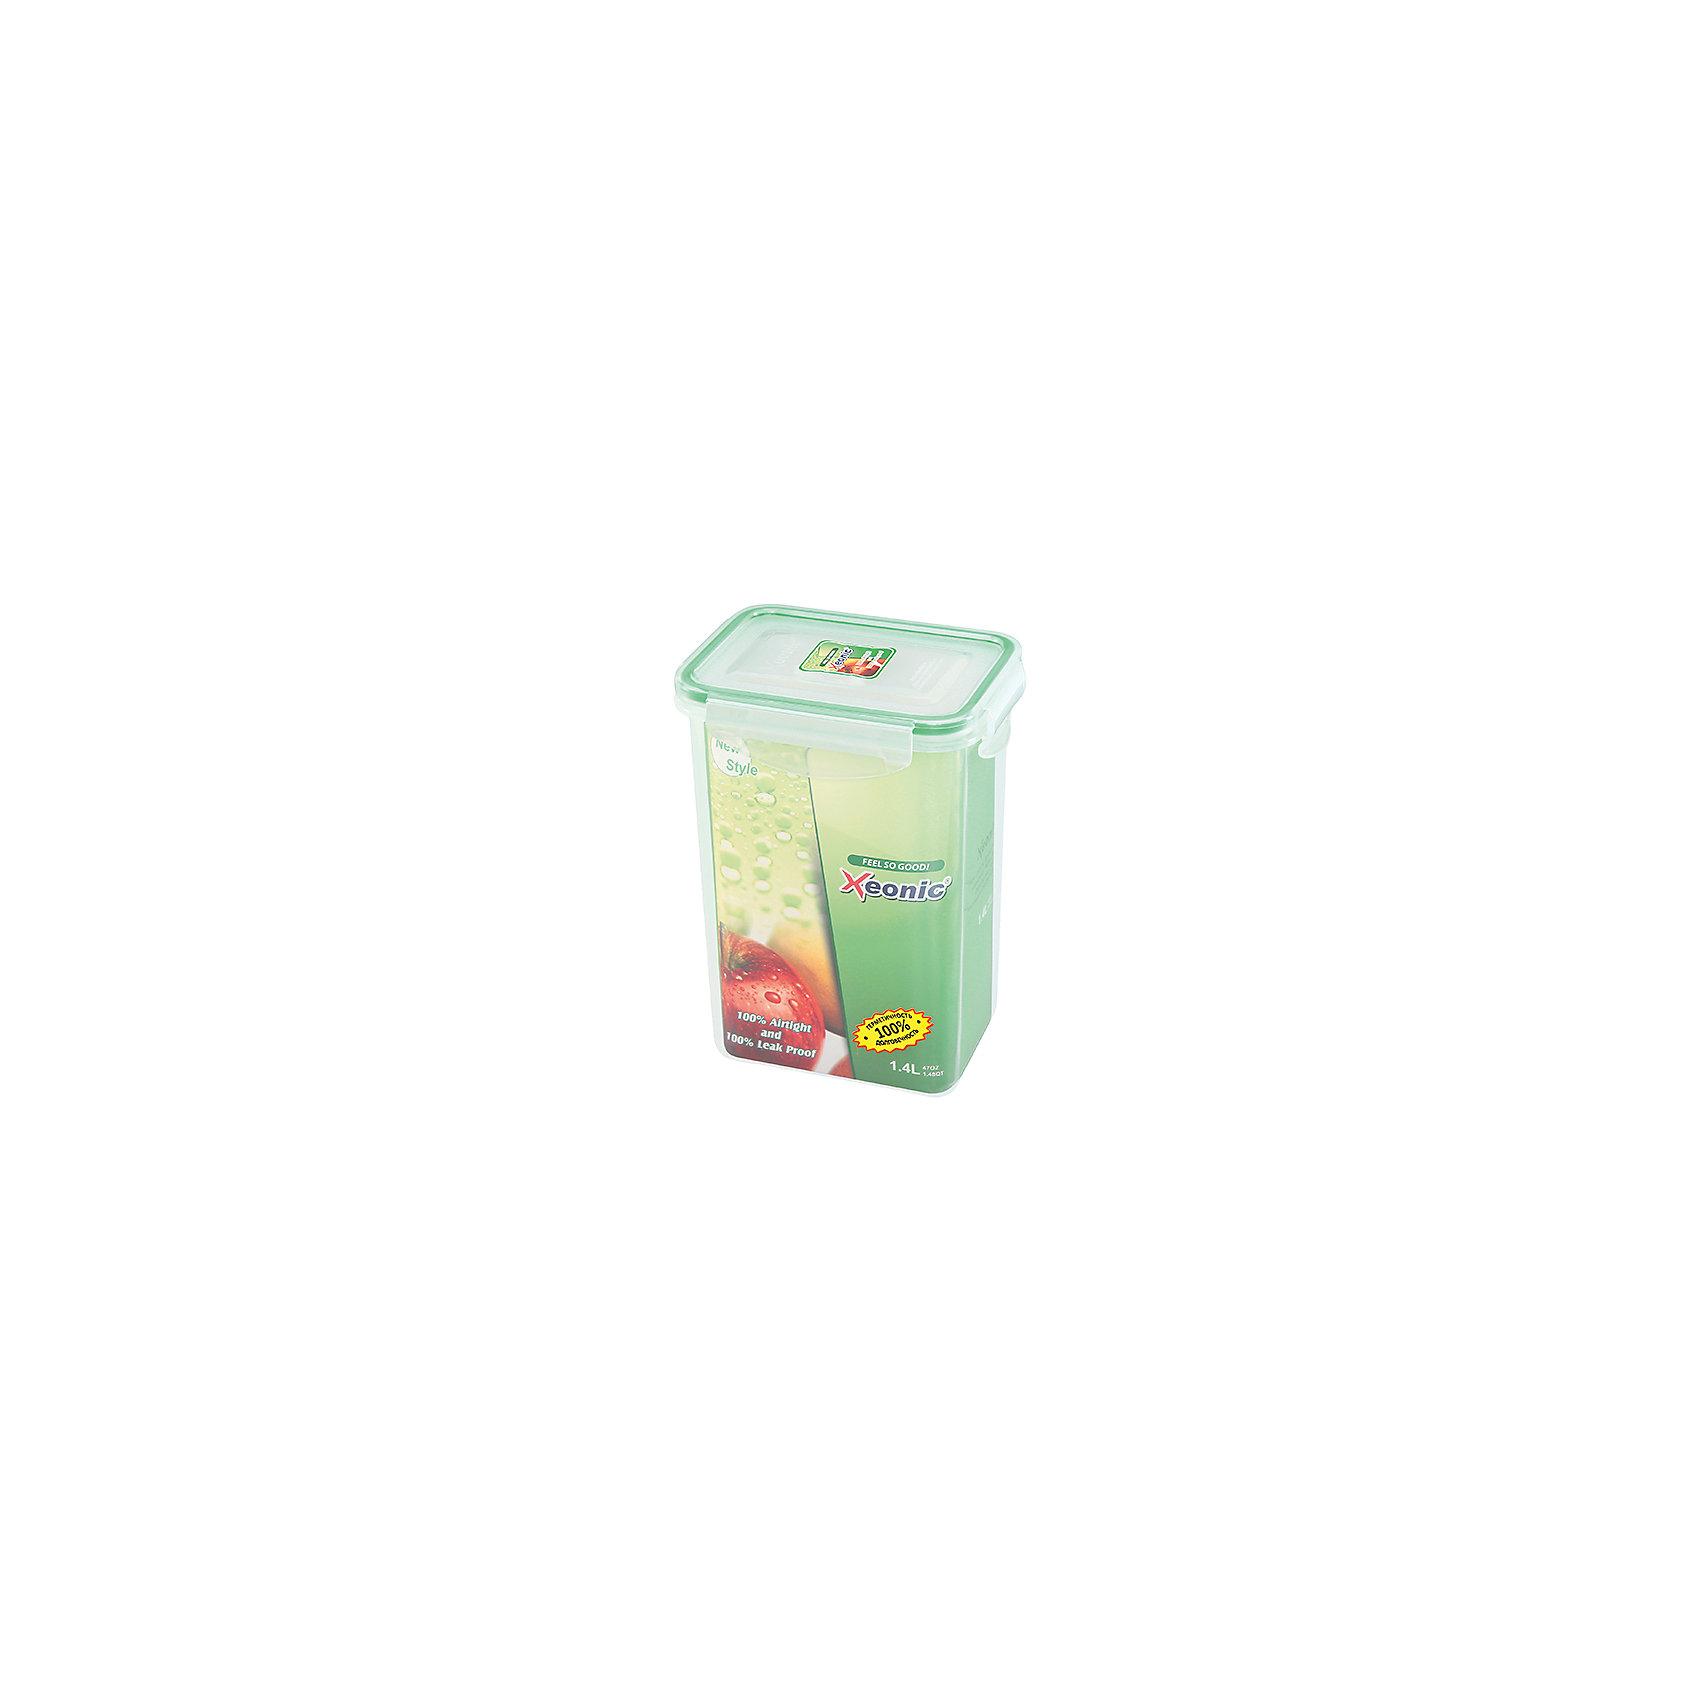 Контейнер прямоугольный 1,4 л, XE024, Xeonic, зеленыйПосуда<br>Характеристики товара:<br><br>• цвет: прозрачный<br>• материал: силикон, полипропилен<br>• размер: 18,5 х 13,5 см<br>• вес: 220 г<br>• объем: 1,4 л<br>• 100% герметичность<br>• для микроволновой печи и в морозильной камеры<br>• устойчив к воздействию масел и жиров<br>• не впитывают запах<br>• легко открывается и закрывается<br>• долго служит<br>• можно мыть в посудомоечной машине<br>• удобный размер<br>• страна бренда: КНДР<br>• страна производства: КНДР<br><br>Такой контейнер - отличный пример удобной и функциональной вещи для дома. Он отлично проработан, благодаря продуманному дизайну занимает мало места, при этом достаточно вместительный.<br><br>Контейнер может стать отличным приобретением для дома или подарком для любителей качественных и практичных вещей.<br><br>Бренд Xeonic делает для российских покупателей доступными предметы, созданные с применением последних технологий. Продукция производится из безопасных материалов. Оцените отличное соотношение цены и качества! <br><br>Контейнер прямоугольный 1,4 л, XE024, Xeonic, зеленый, можно купить в нашем интернет-магазине.<br><br>Ширина мм: 135<br>Глубина мм: 100<br>Высота мм: 185<br>Вес г: 221<br>Возраст от месяцев: 0<br>Возраст до месяцев: 1188<br>Пол: Унисекс<br>Возраст: Детский<br>SKU: 6668827